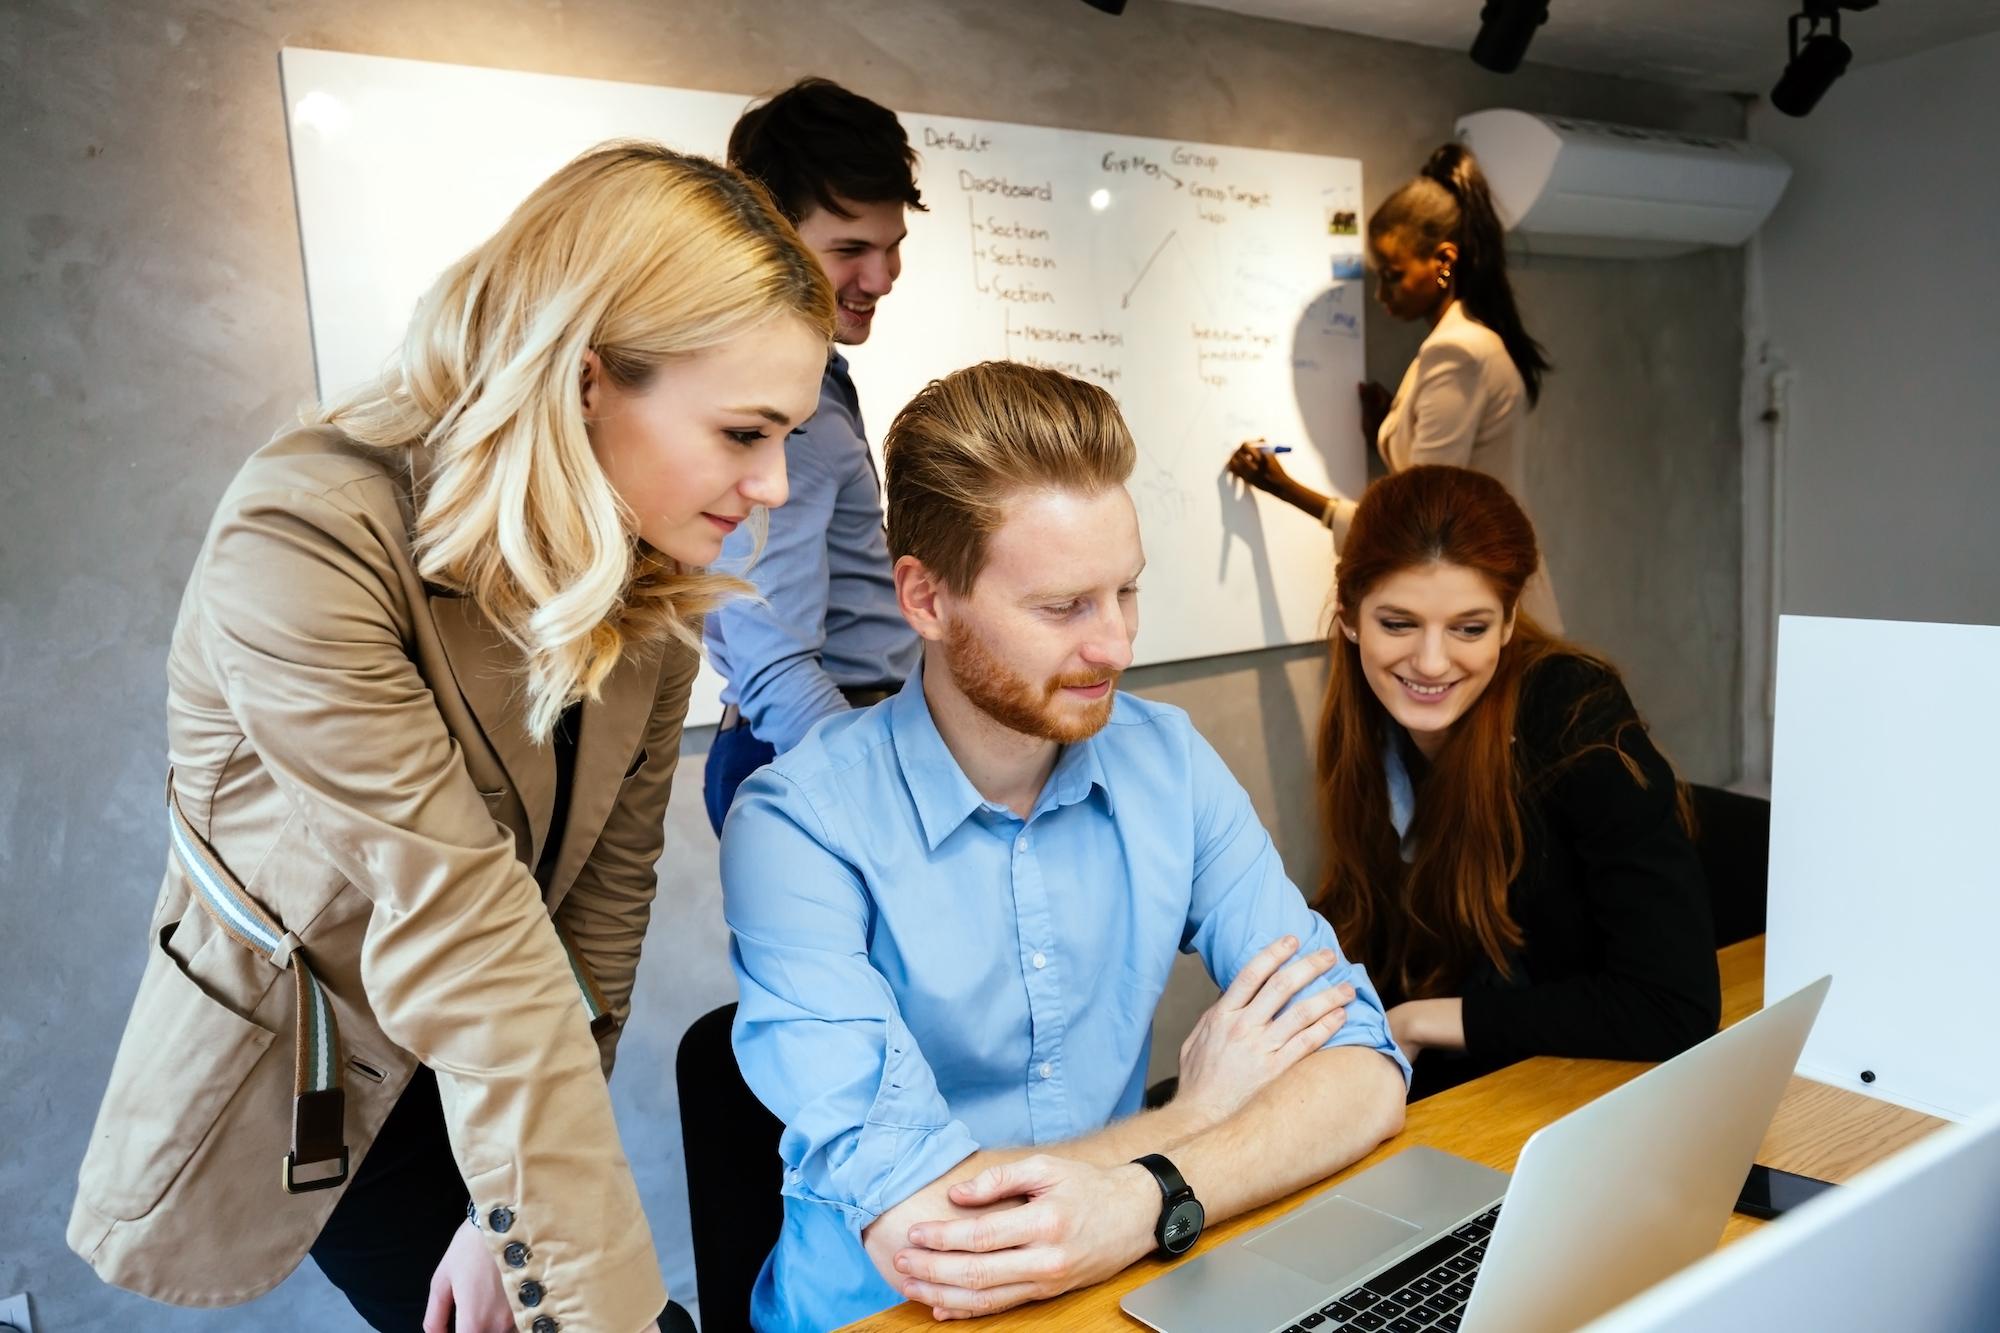 IKT-leder uddannelsen hovedbillede.jpg